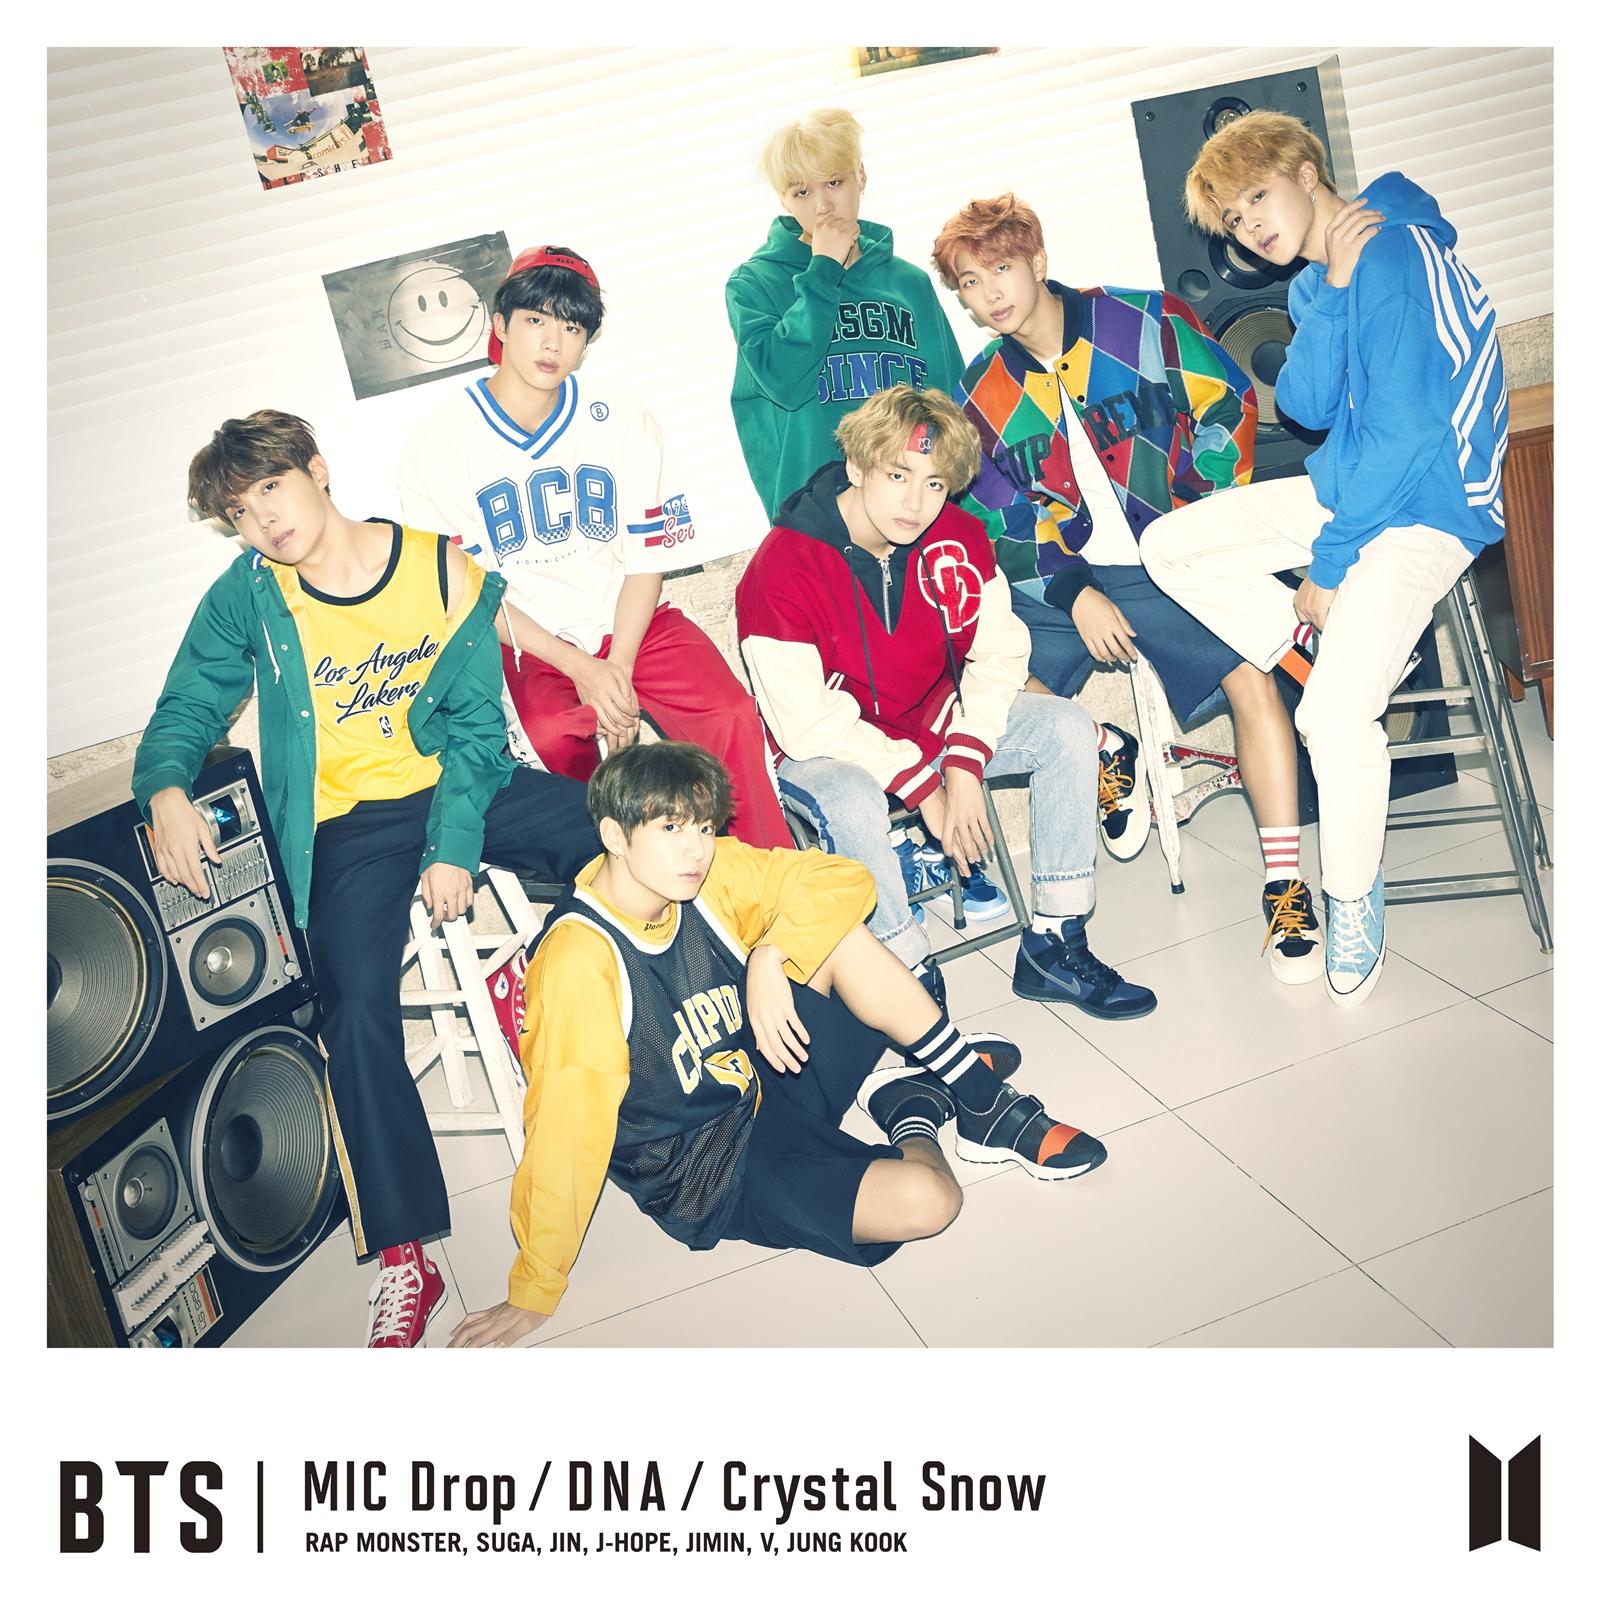 방탄소년단, 日 싱글 오리콘 차트 이틀 연속 1위... 앨범 판매량 37만 장 돌파!